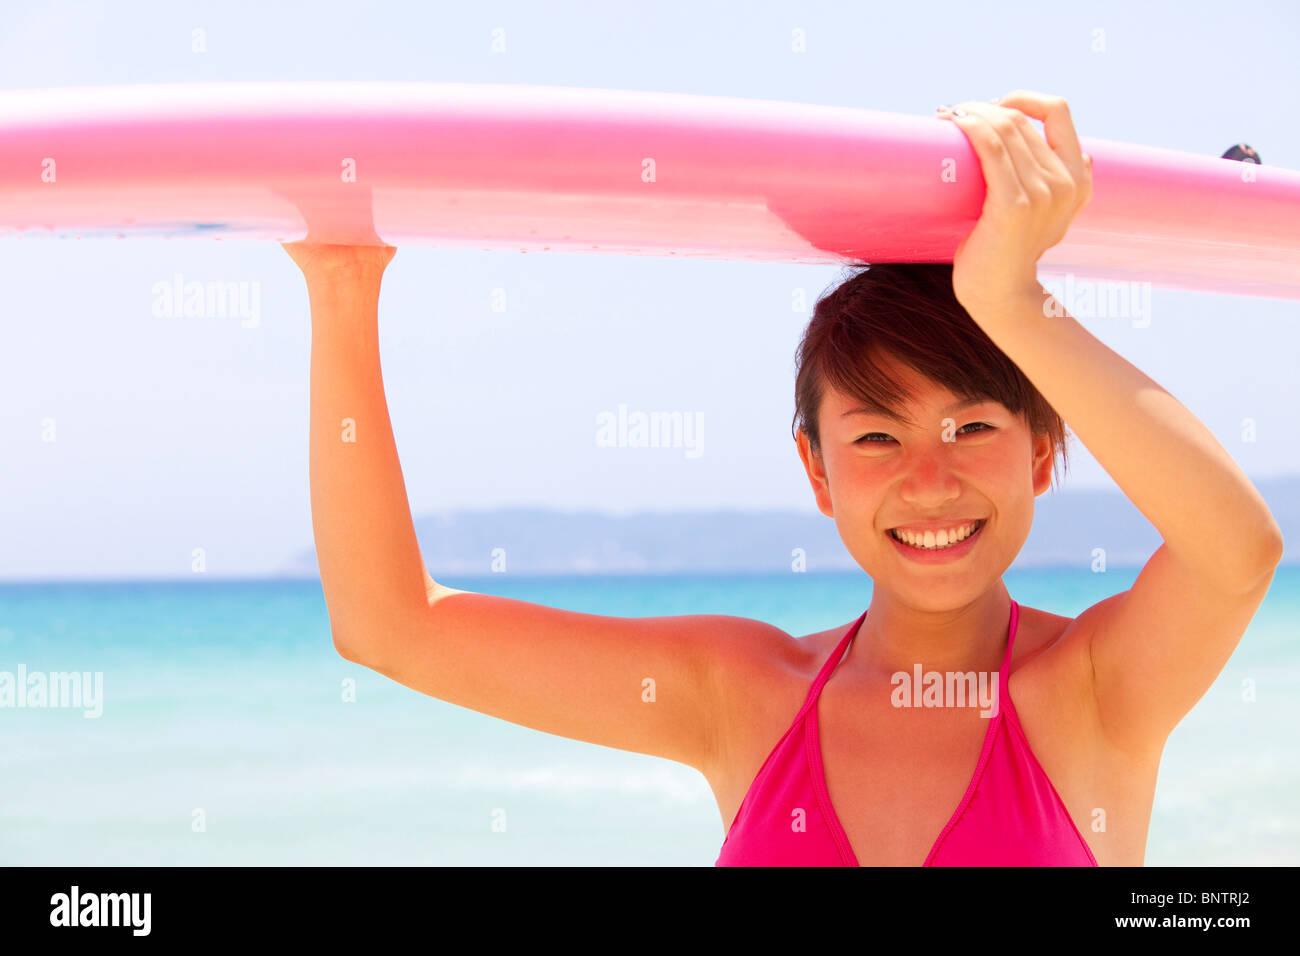 Ritratto di una giovane donna con una tavola da surf Immagini Stock